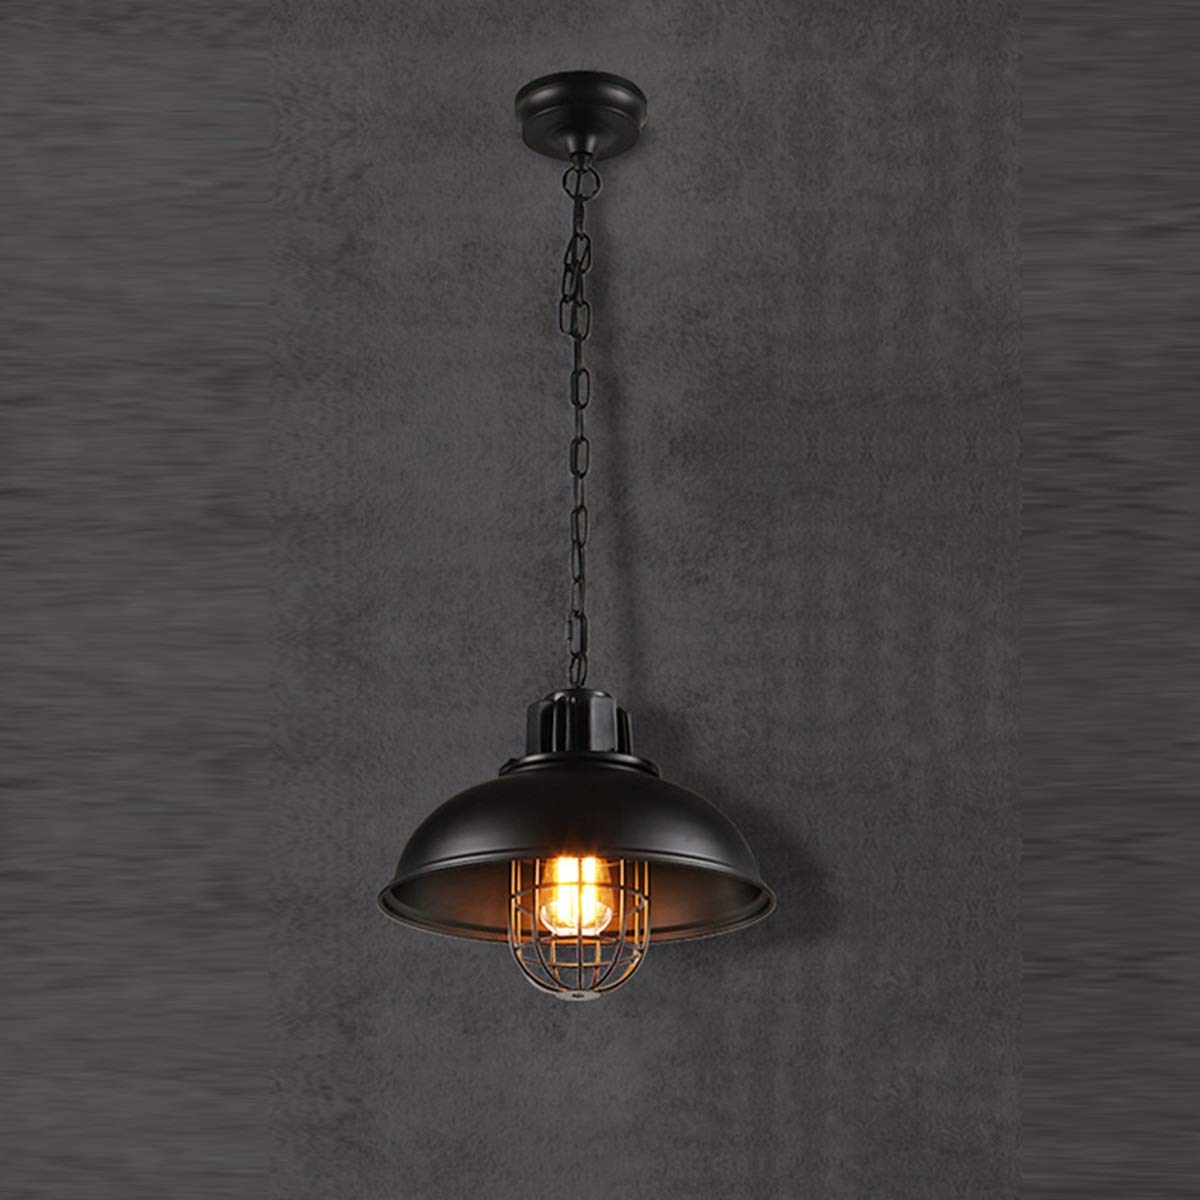 照明ランプ LED E27ウォールランプ屋内用ホームライトは、エジソン製電球なしで業界のレトロなウォールライトのふたの版の白黒パッケージを飾ります。 LEDライト (色 : AC 110V, サイズ : 暖かい白) B07QXQM16P AC 110V 暖かい白